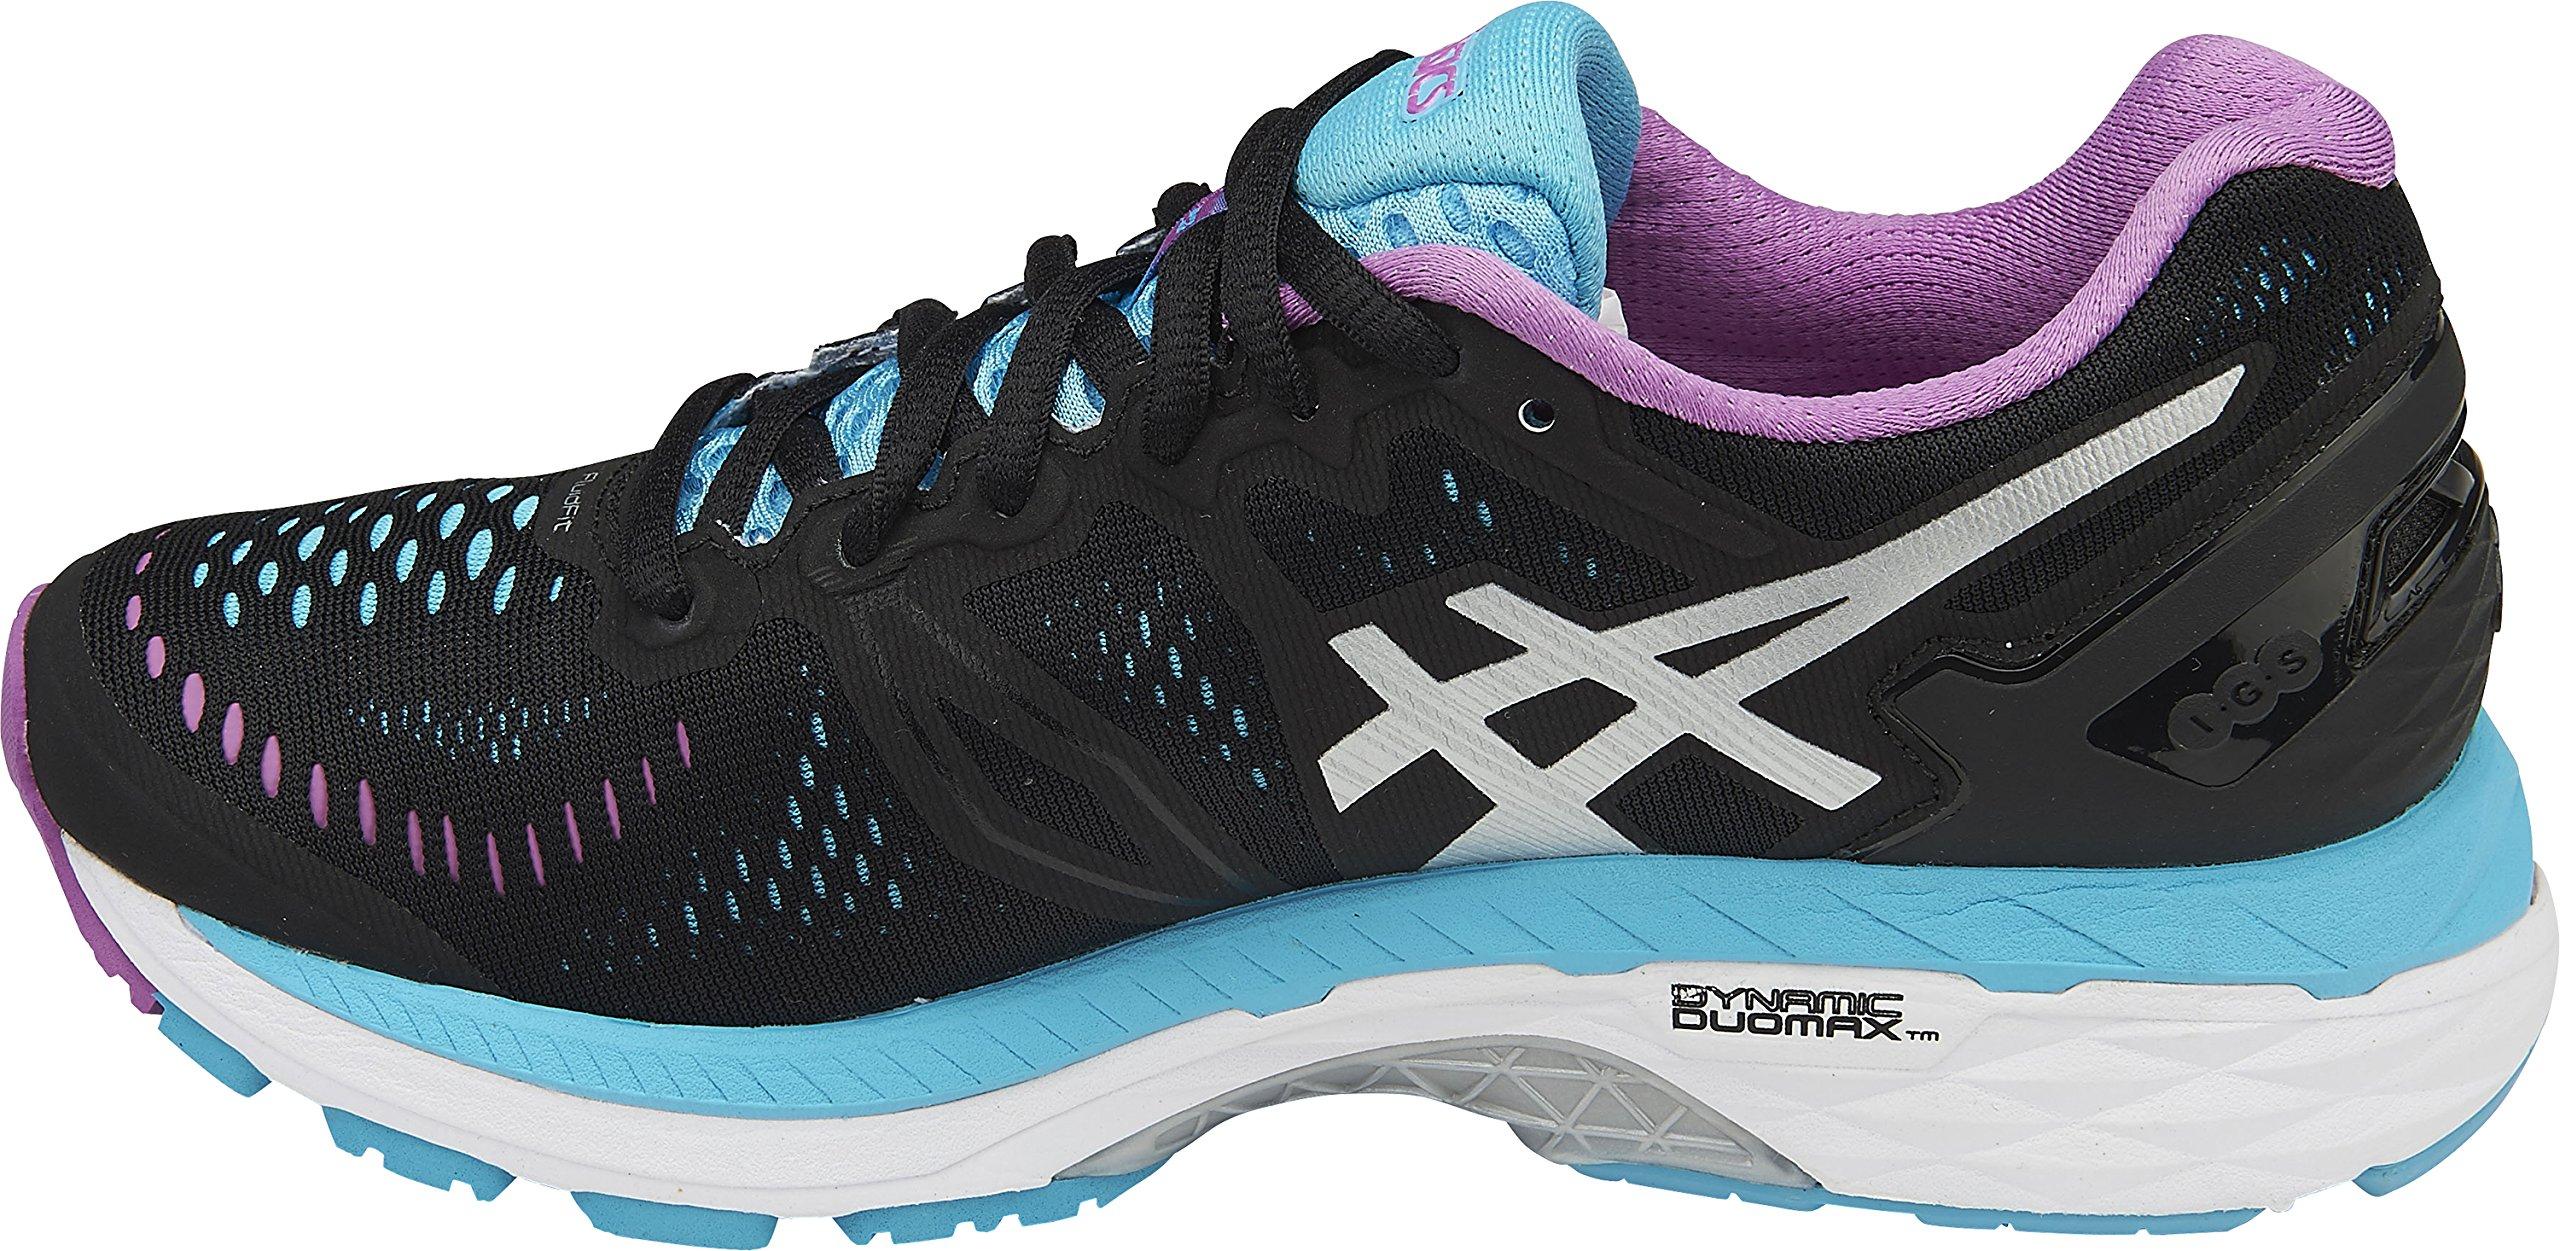 ASICS Women's Gel Kayano 23 Running Shoe (BlackOnyxCarbon, 8 B(M) US)